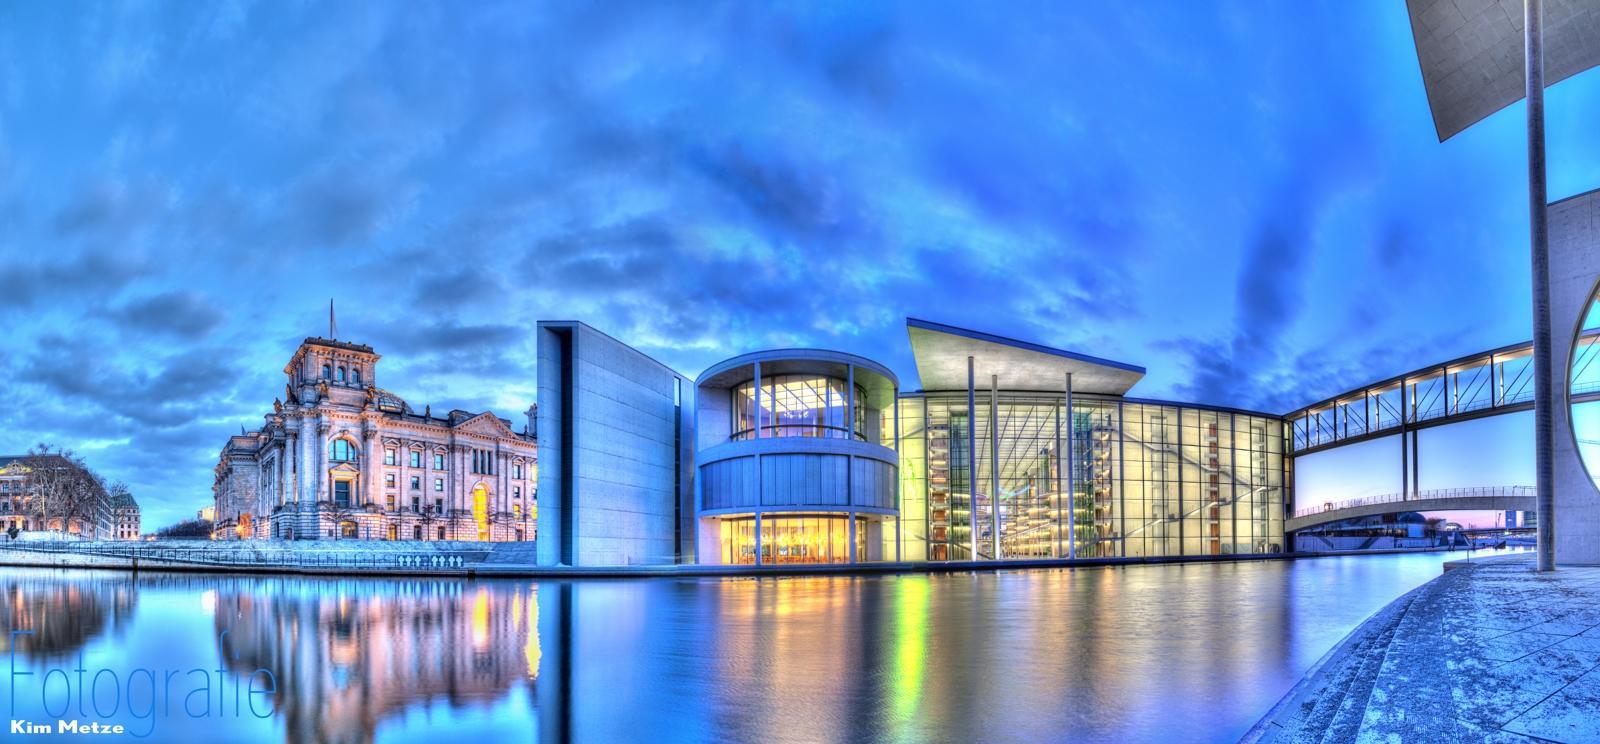 Regierungsvirtel | Reichstag | Paul-Löbe-Haus